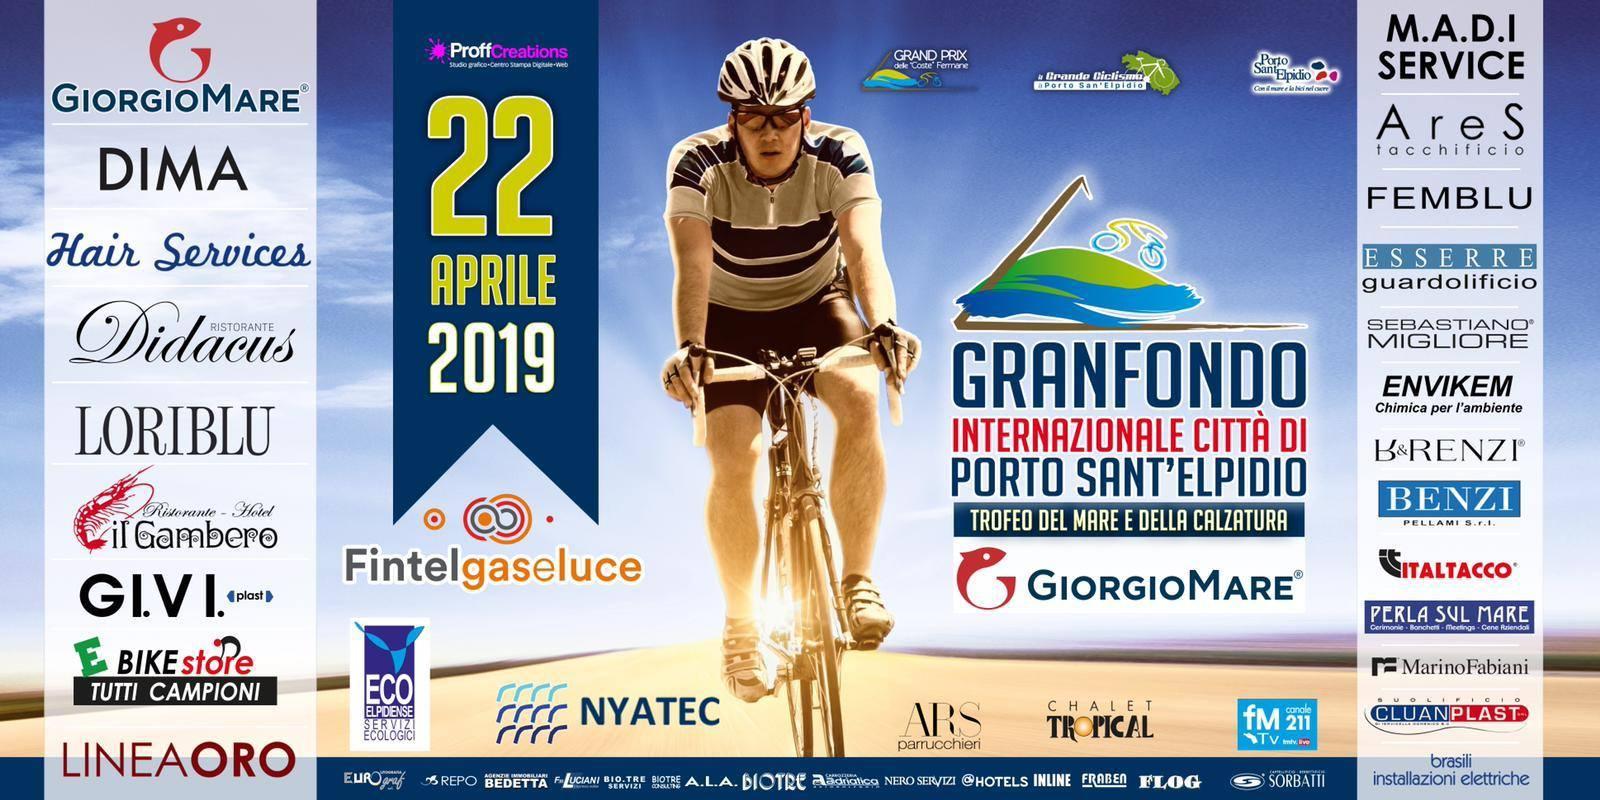 Locandina Granfondo Città di Porto Sant'Elpidio settima edizione 22 Aprile 2019